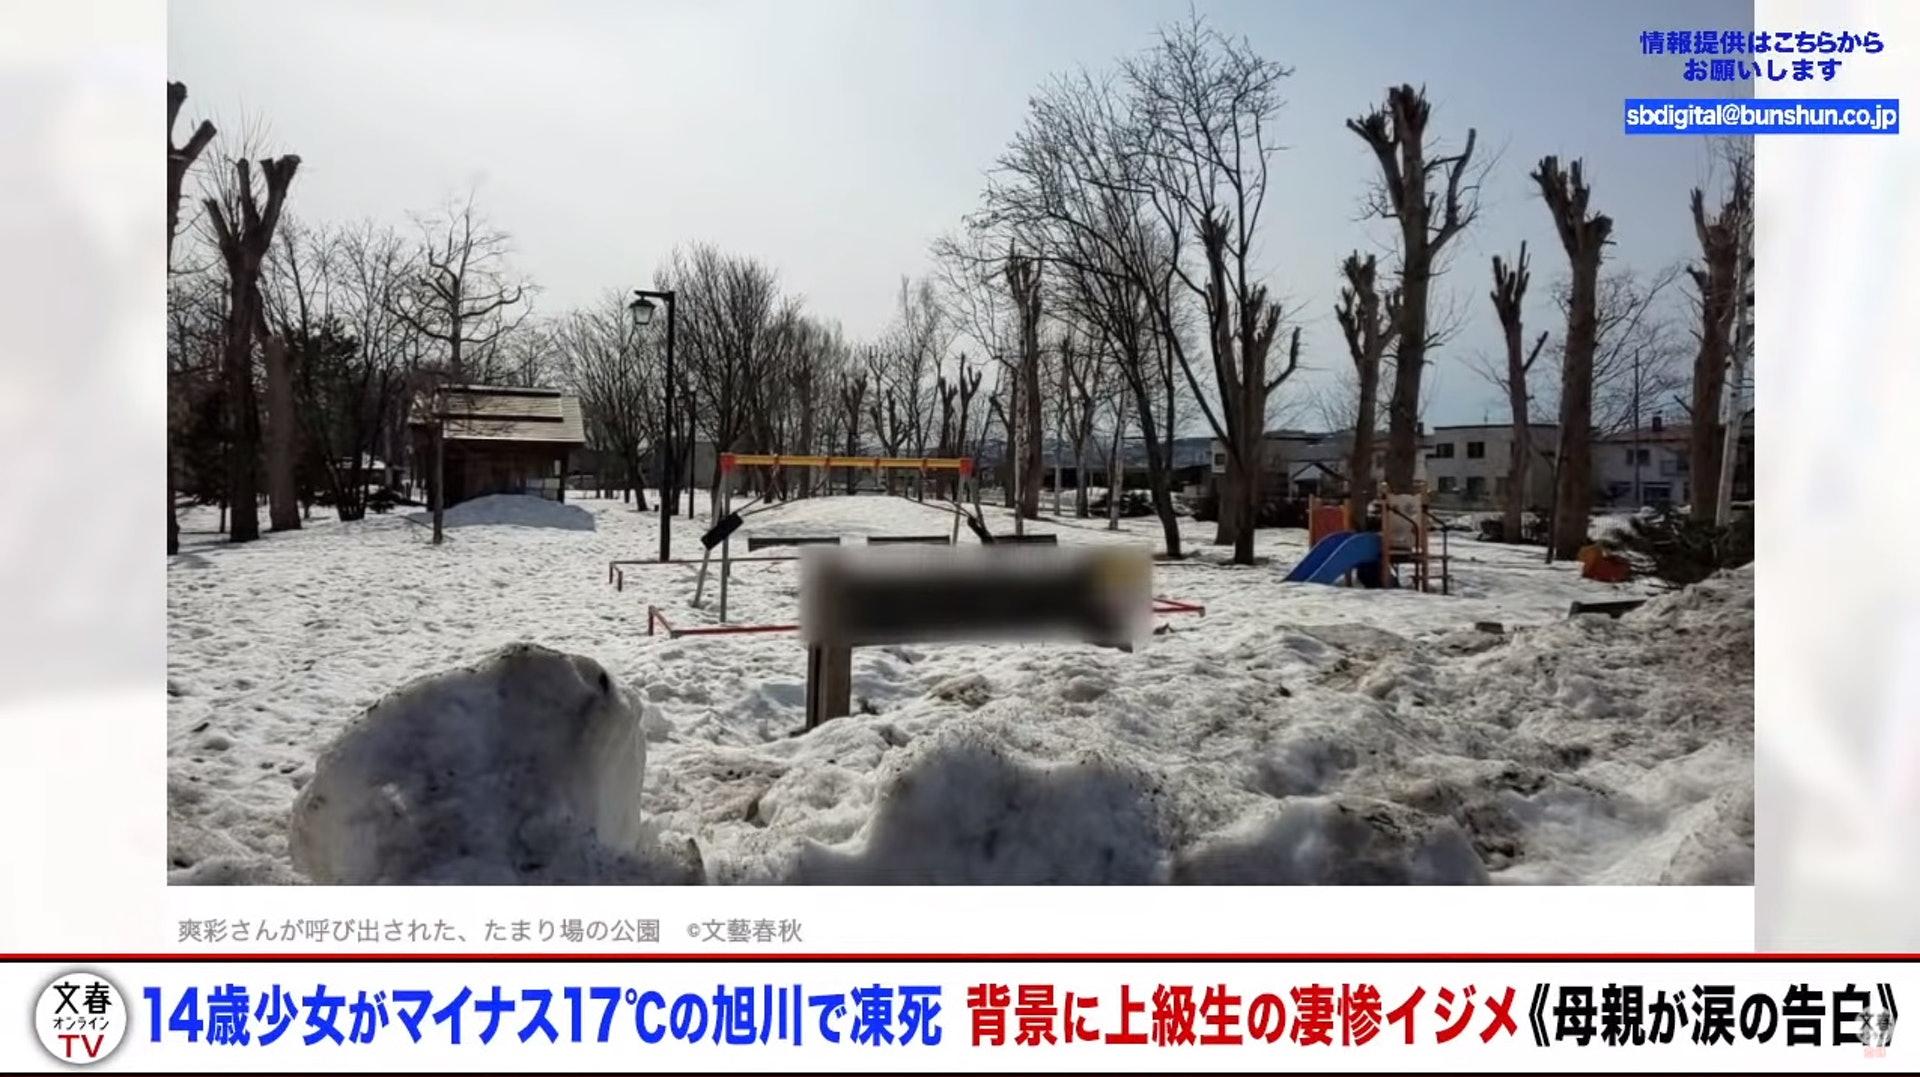 14歲女公園積雪下凍死 母淚控「霸凌間接他殺」:被迫當眾做給男同學看